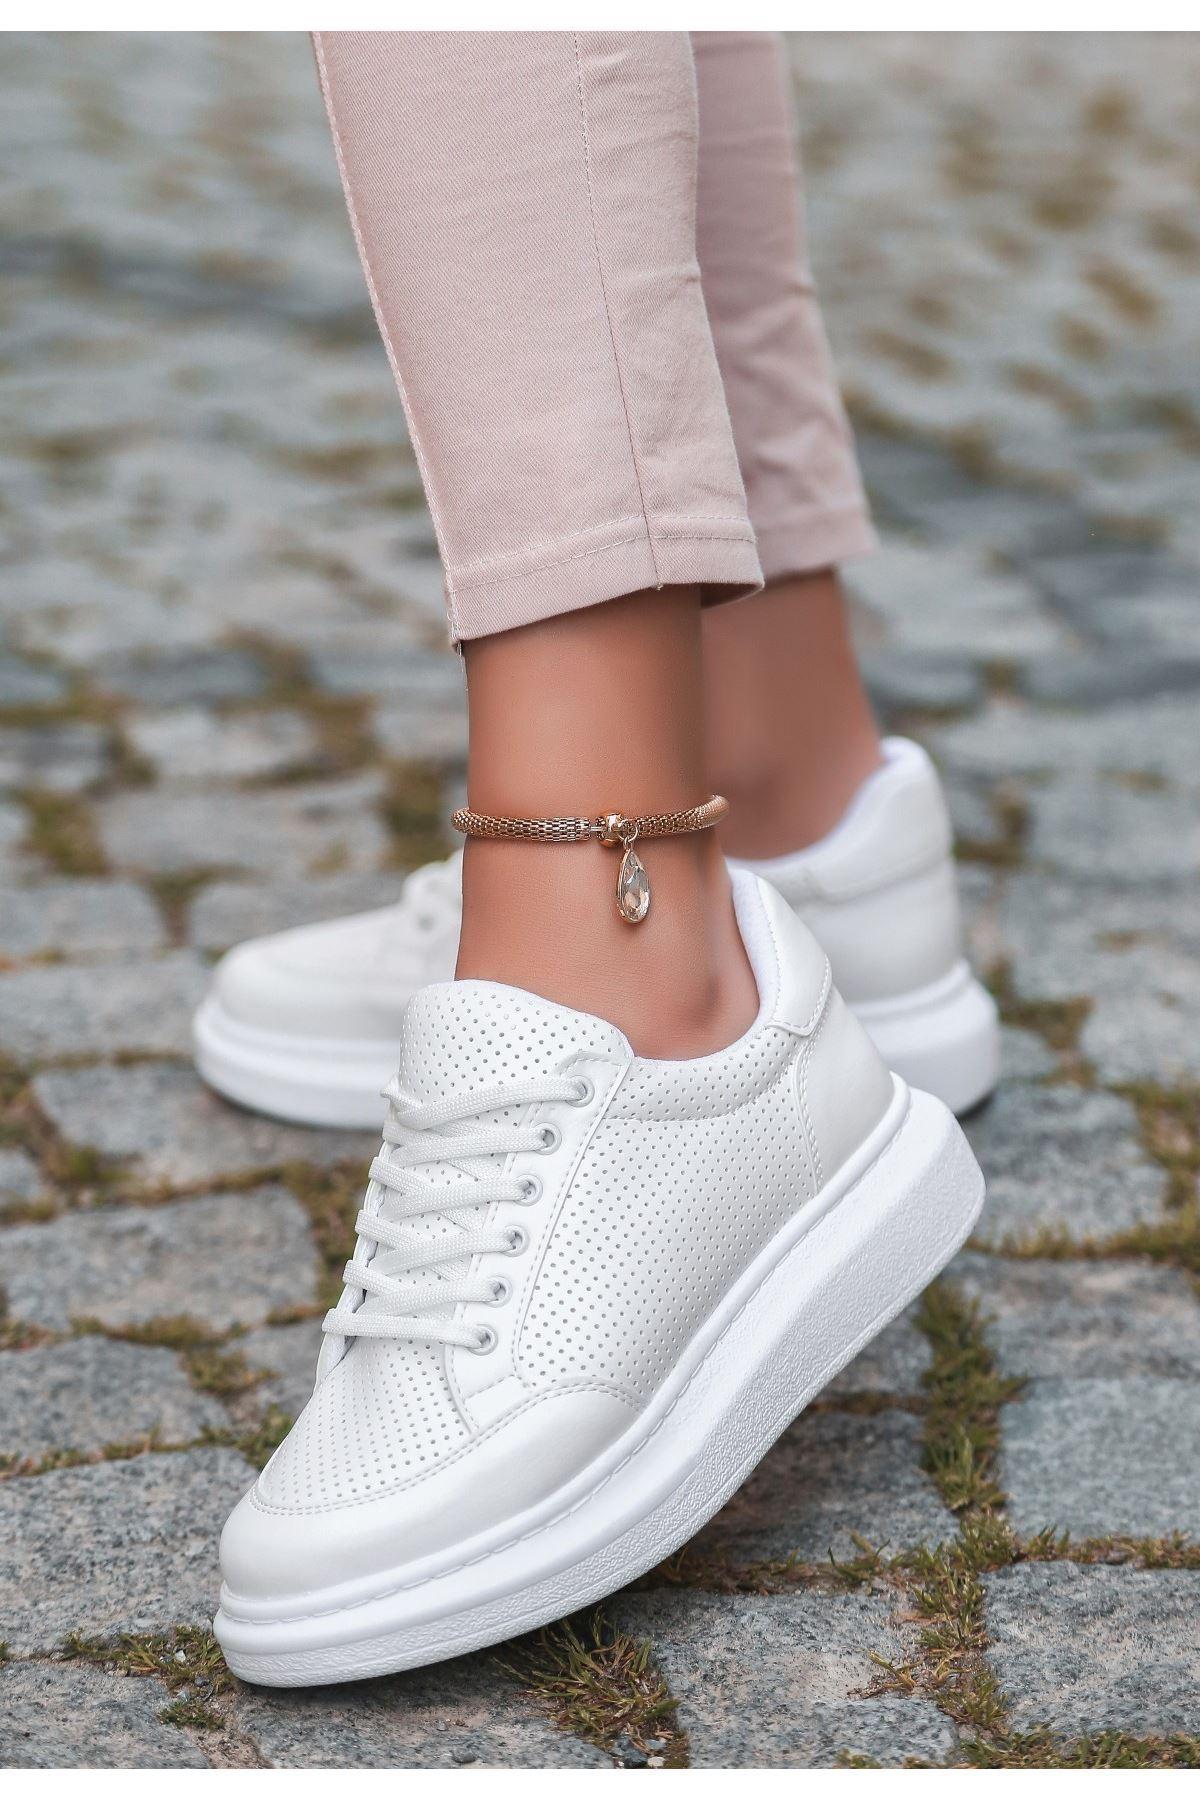 Voni Beyaz Cilt Fileli Bağcıklı Spor Ayakkabı